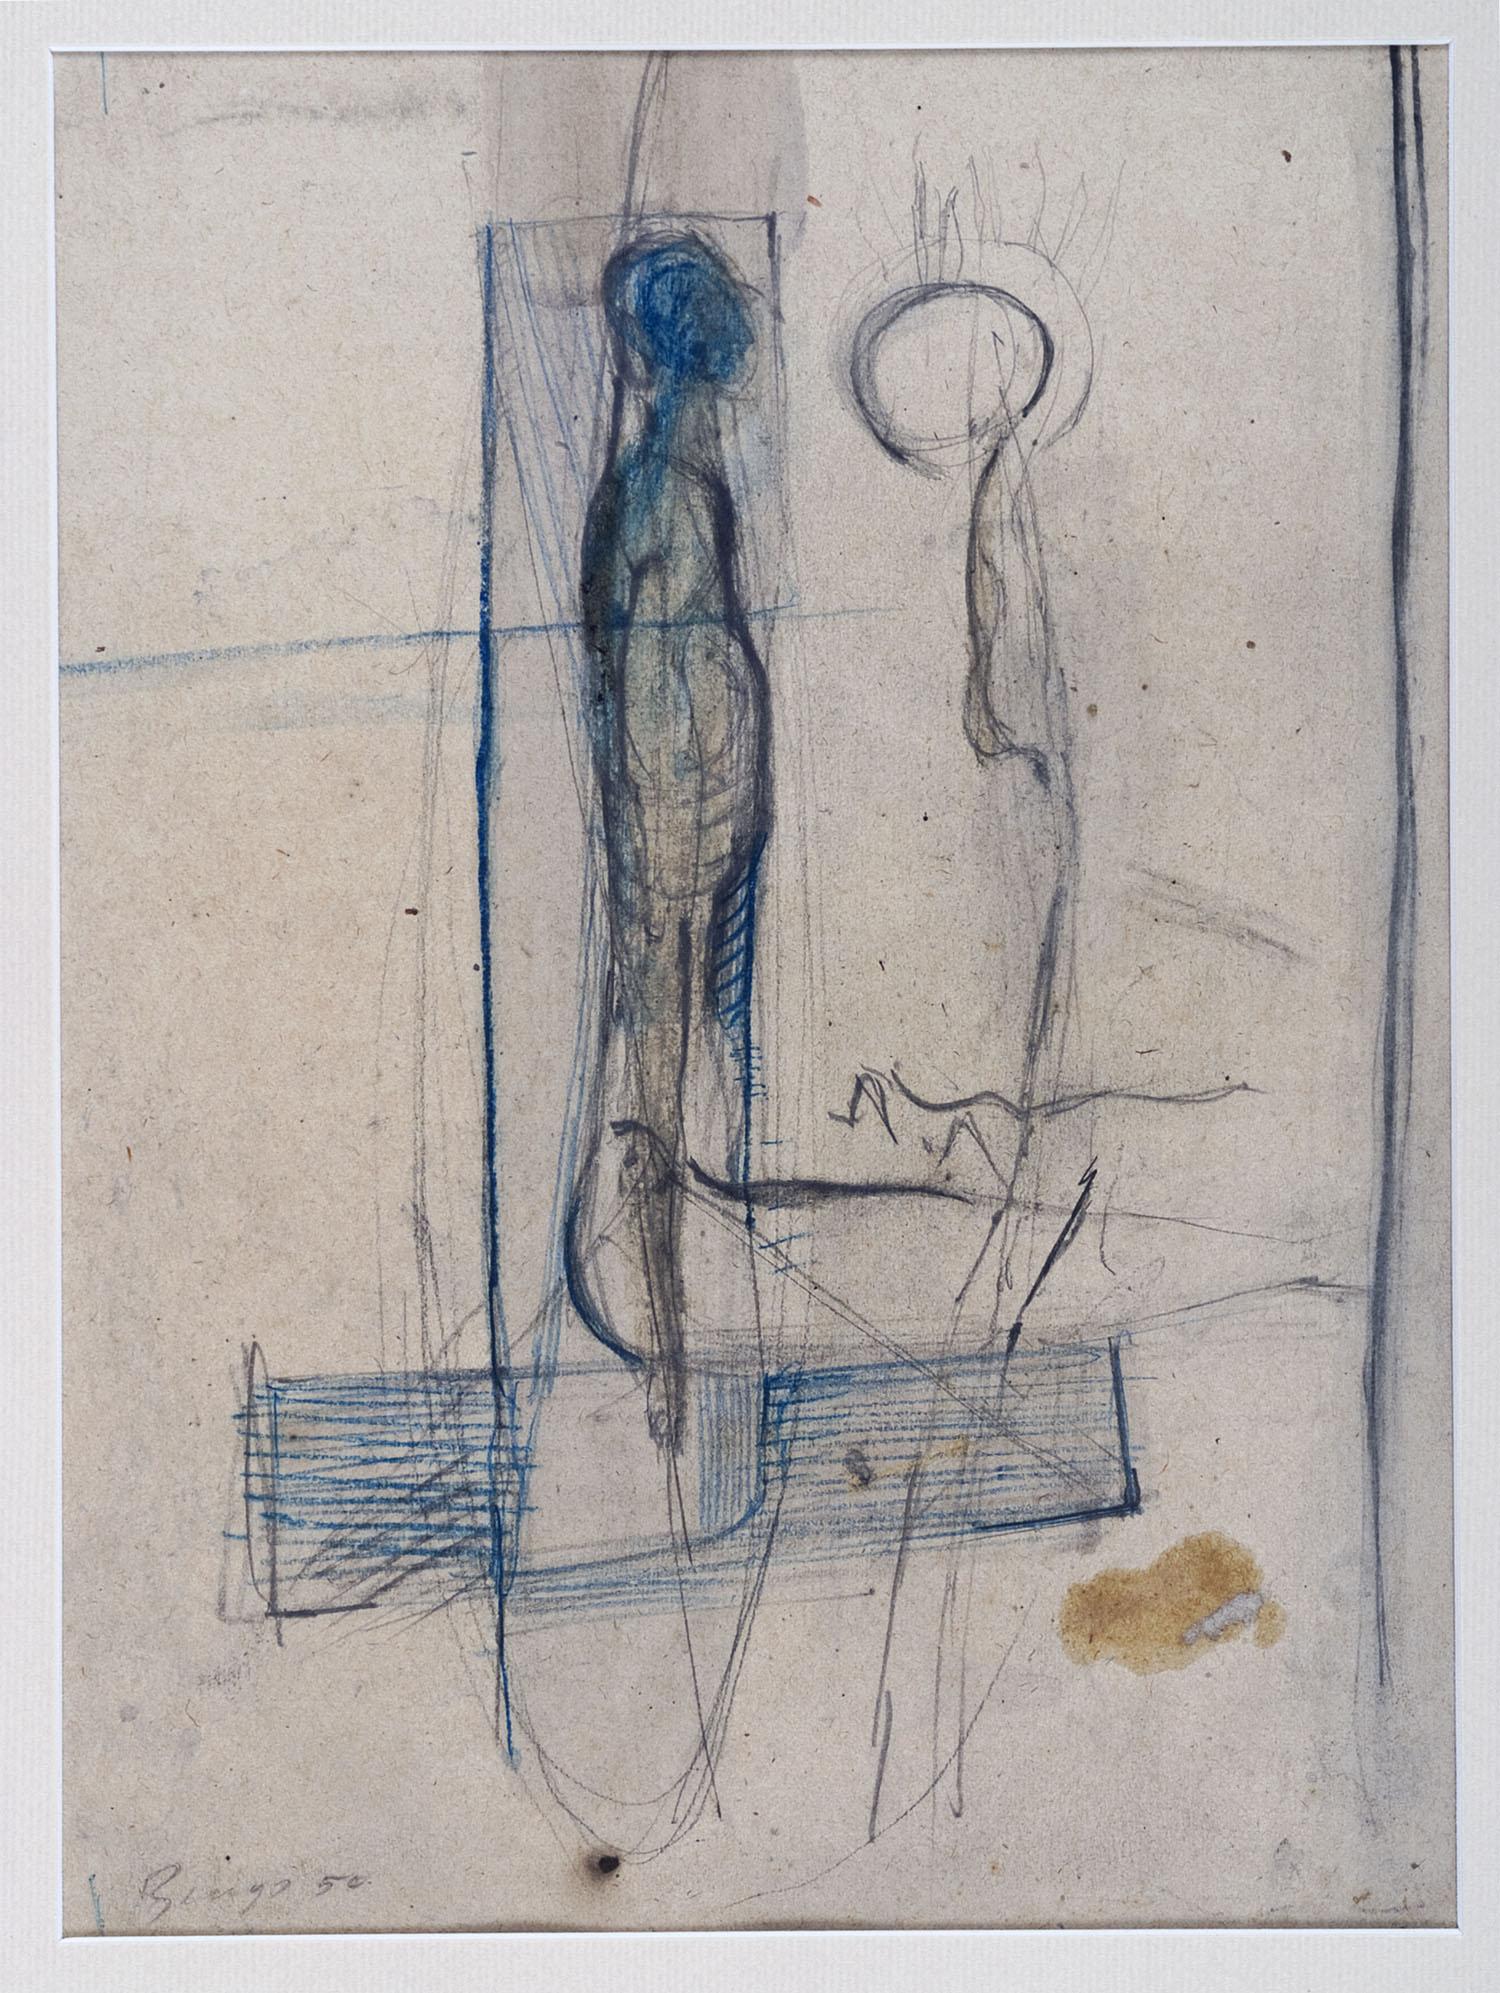 o.T. | 1950 | Bleistift und Buntstift auf Papier | 29 x 21,5 cm